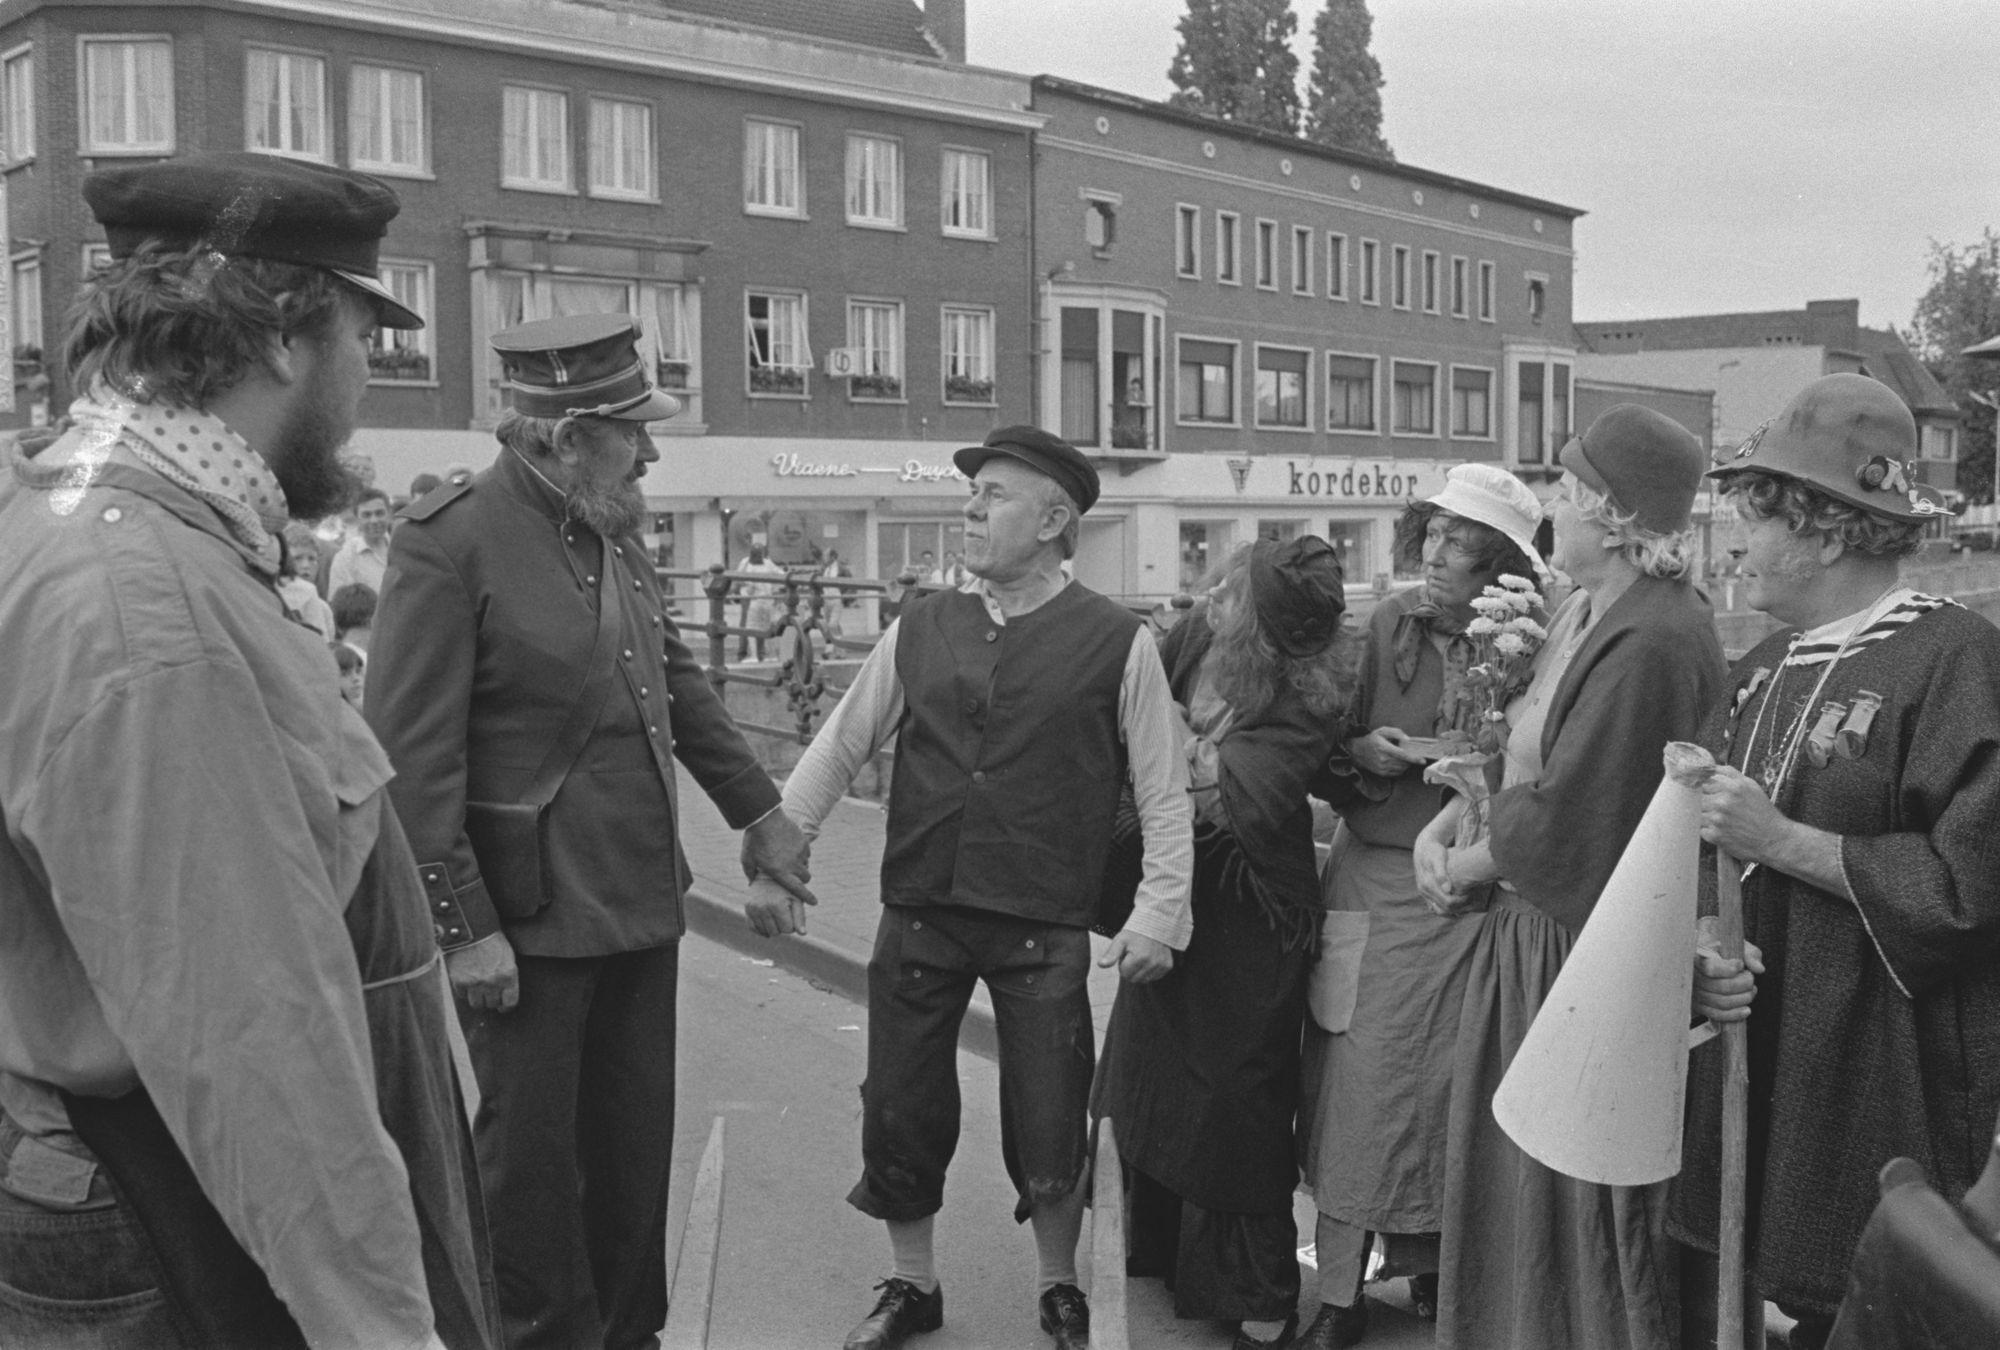 Historische stoet ter herdenking van 100 jaar Hendrik Conscience